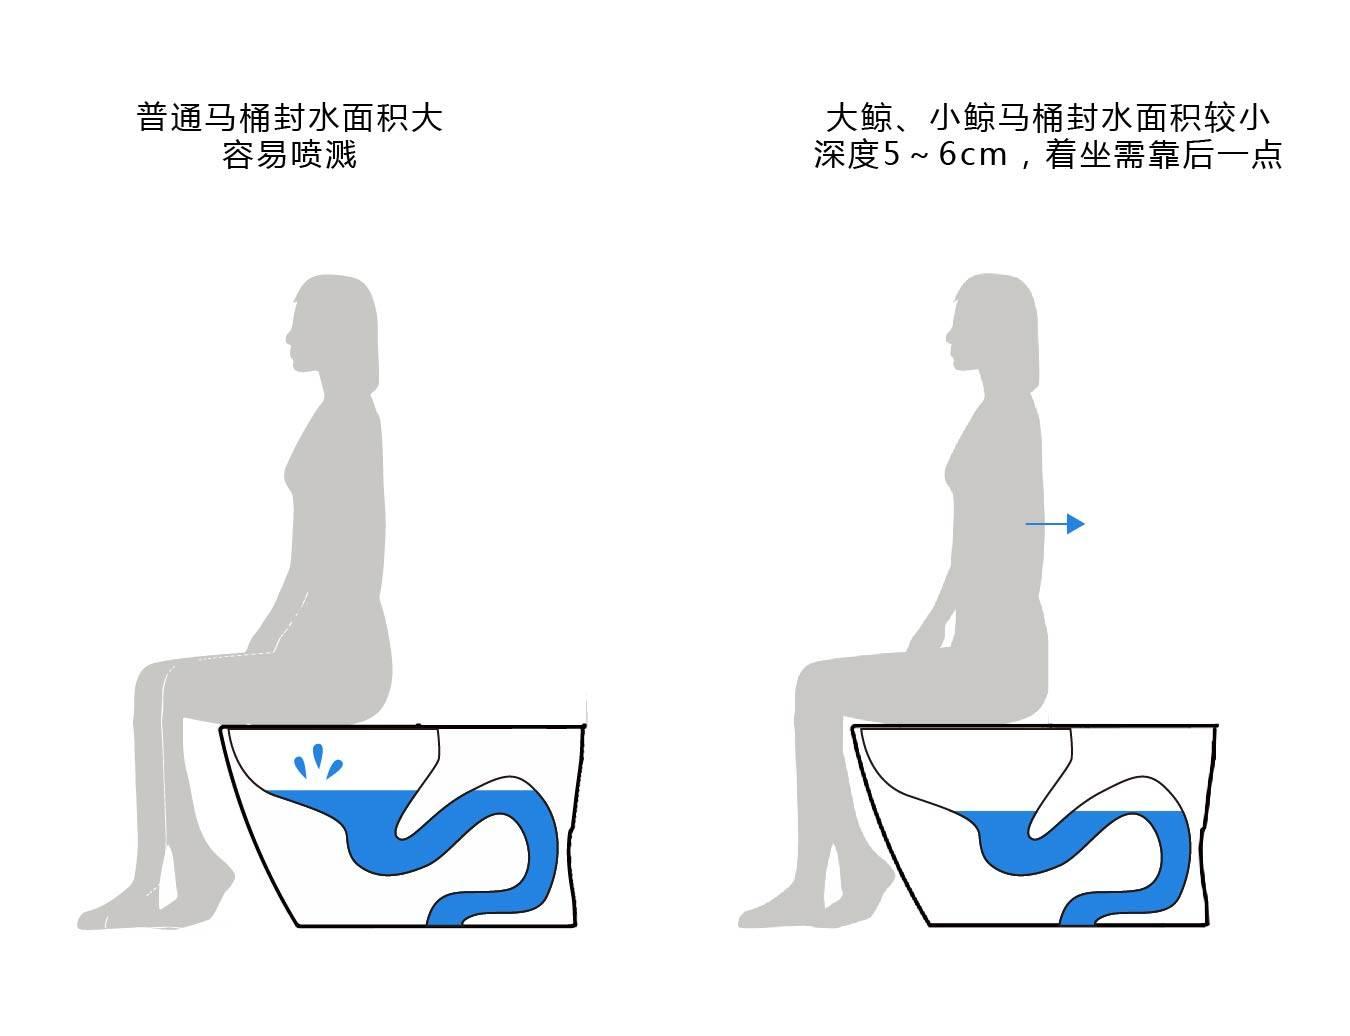 水鹿卫浴-马桶-智能马桶-水鹿智能马桶-大鲸/小鲸系列